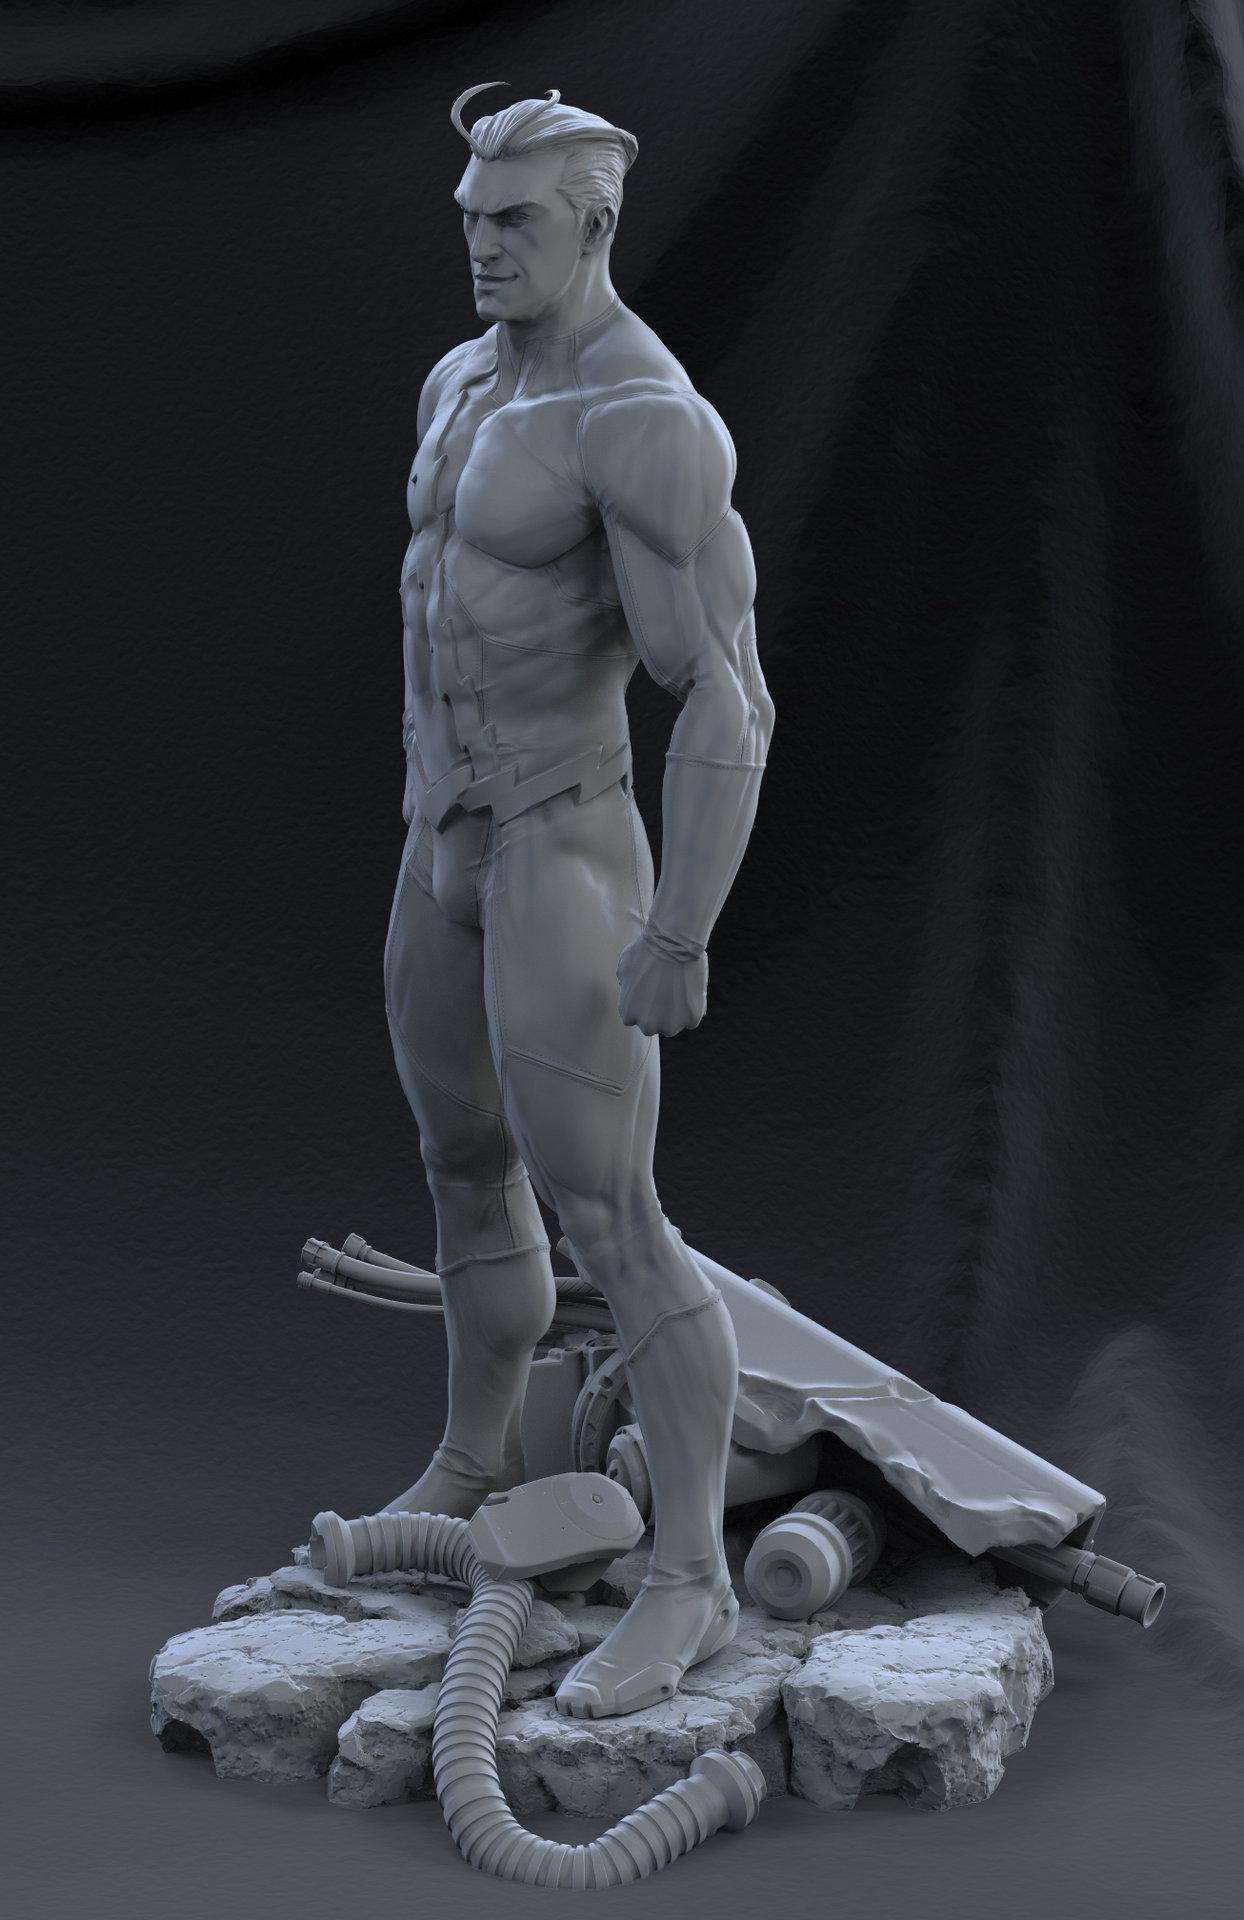 David giraud standing5 grey